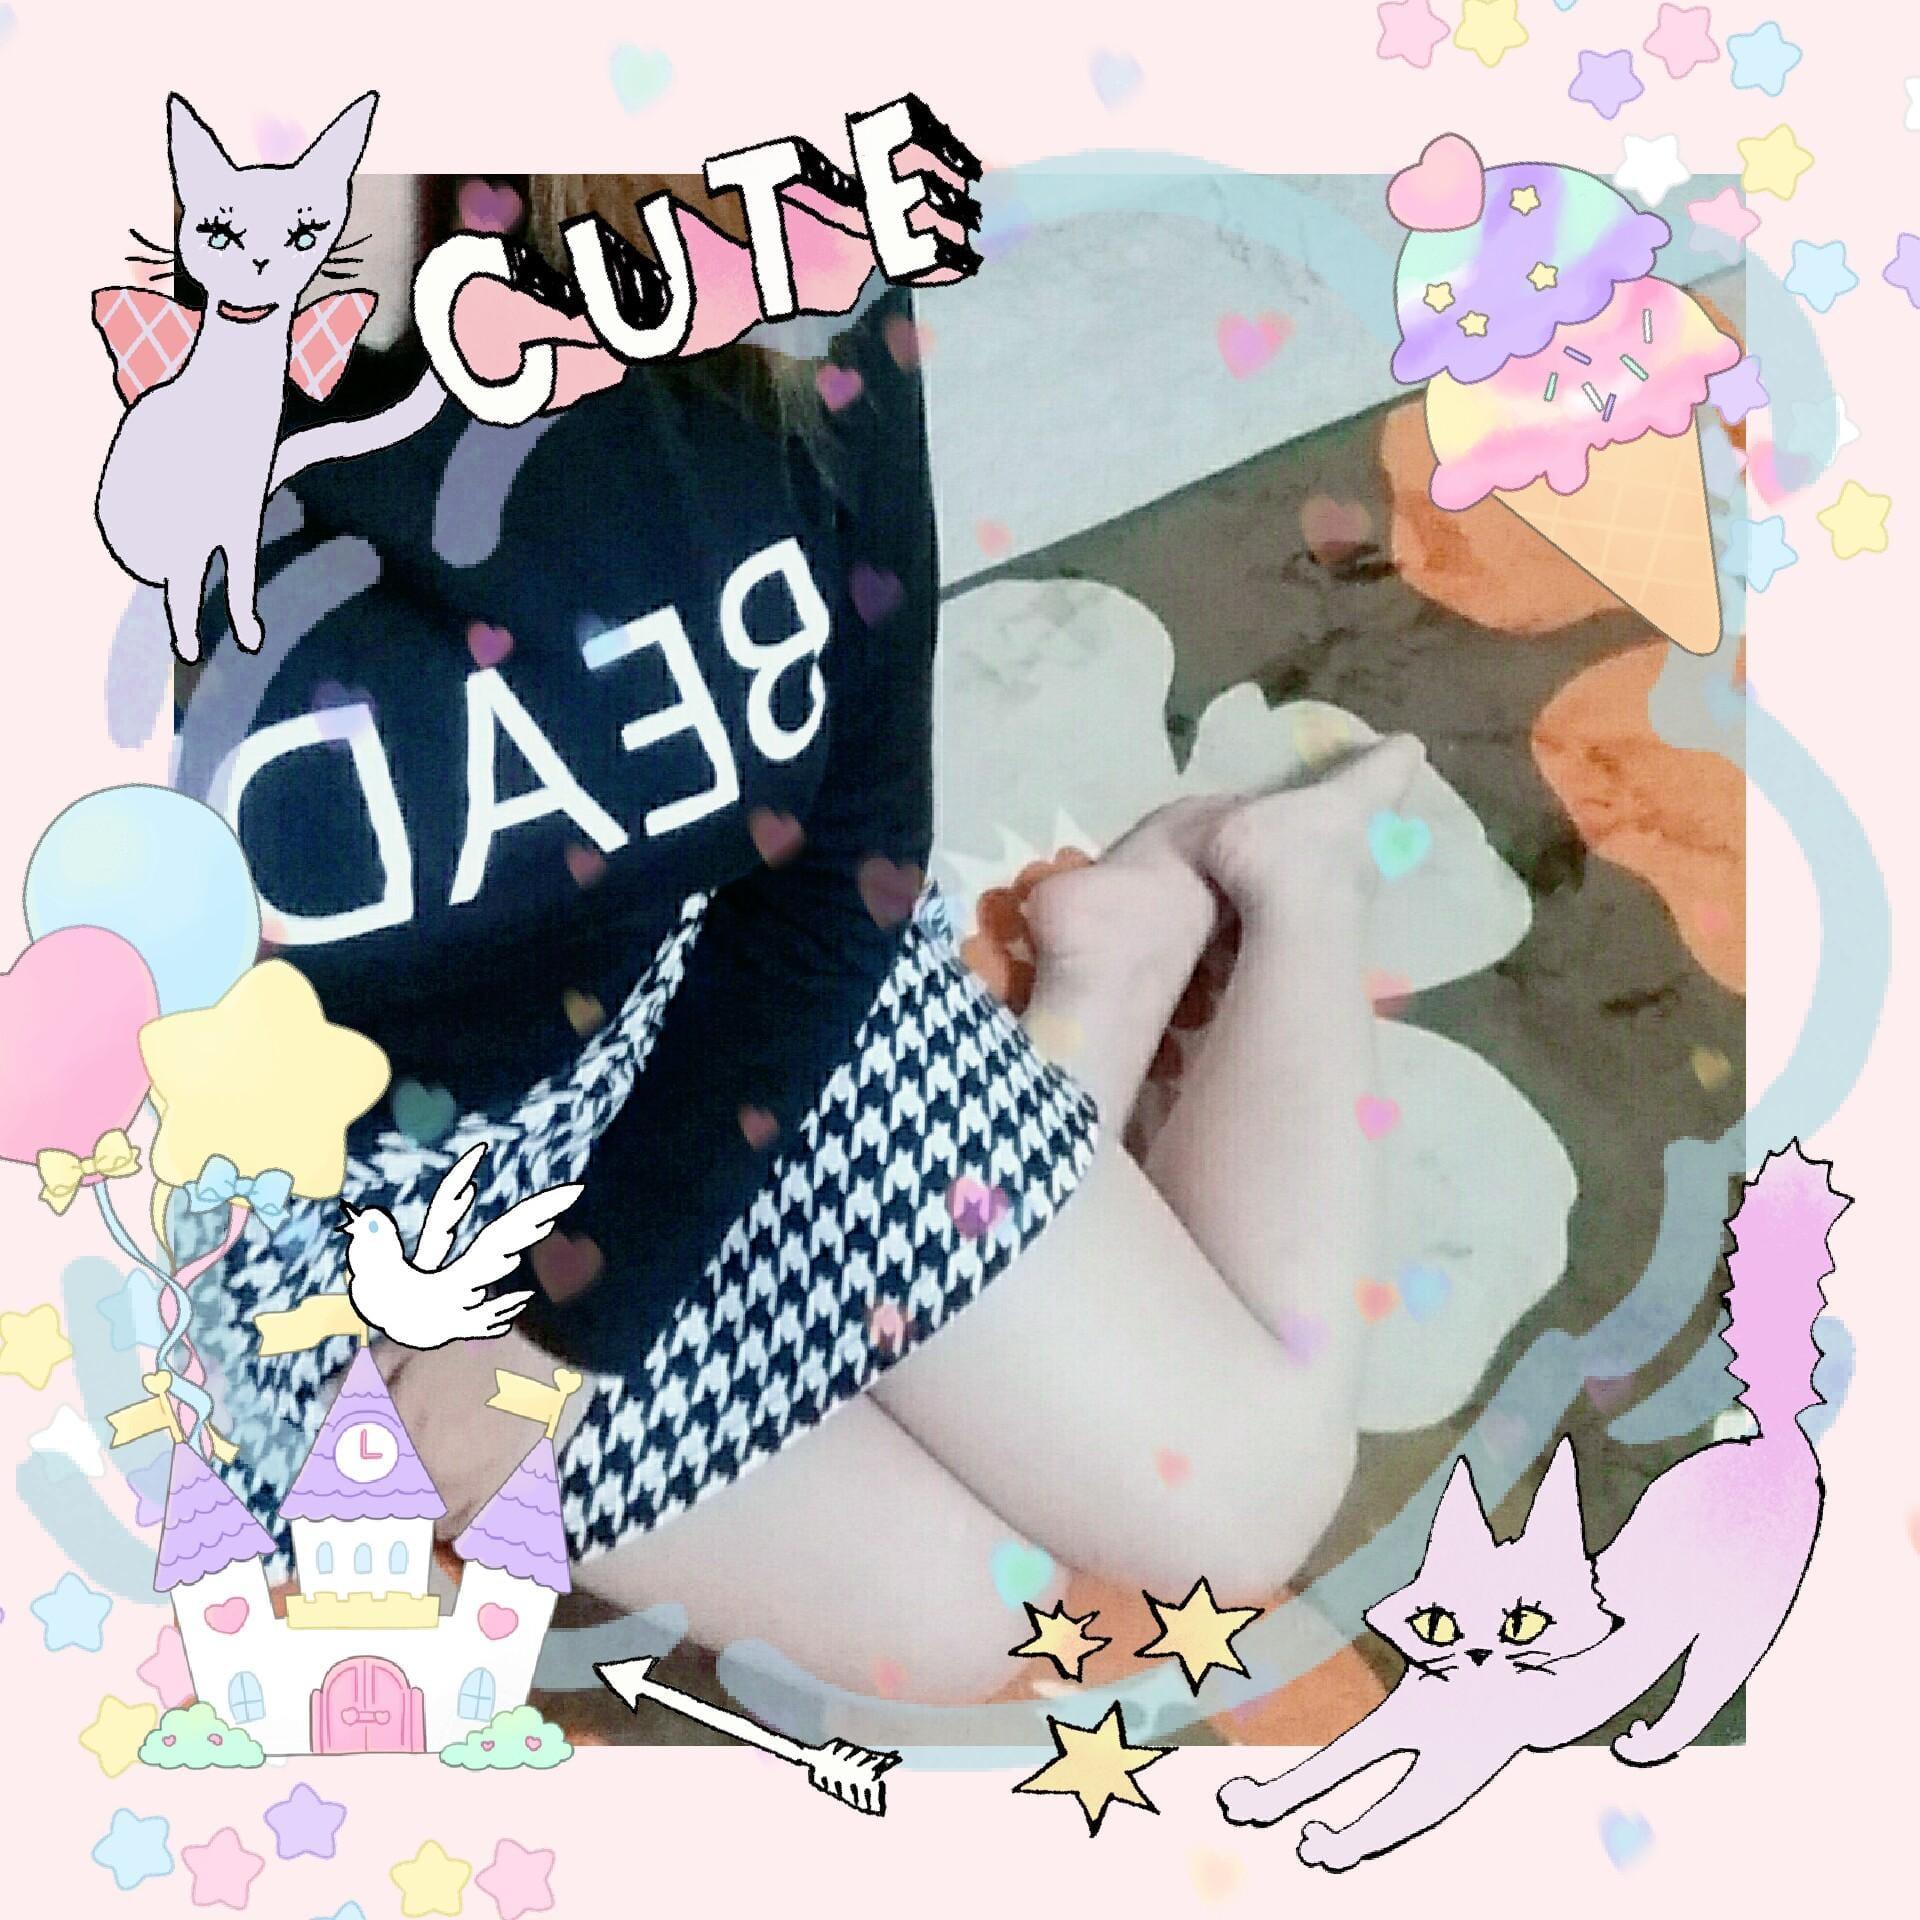 「ビジネスホテル様」01/20(日) 02:26 | ミセス☆おとねの写メ・風俗動画